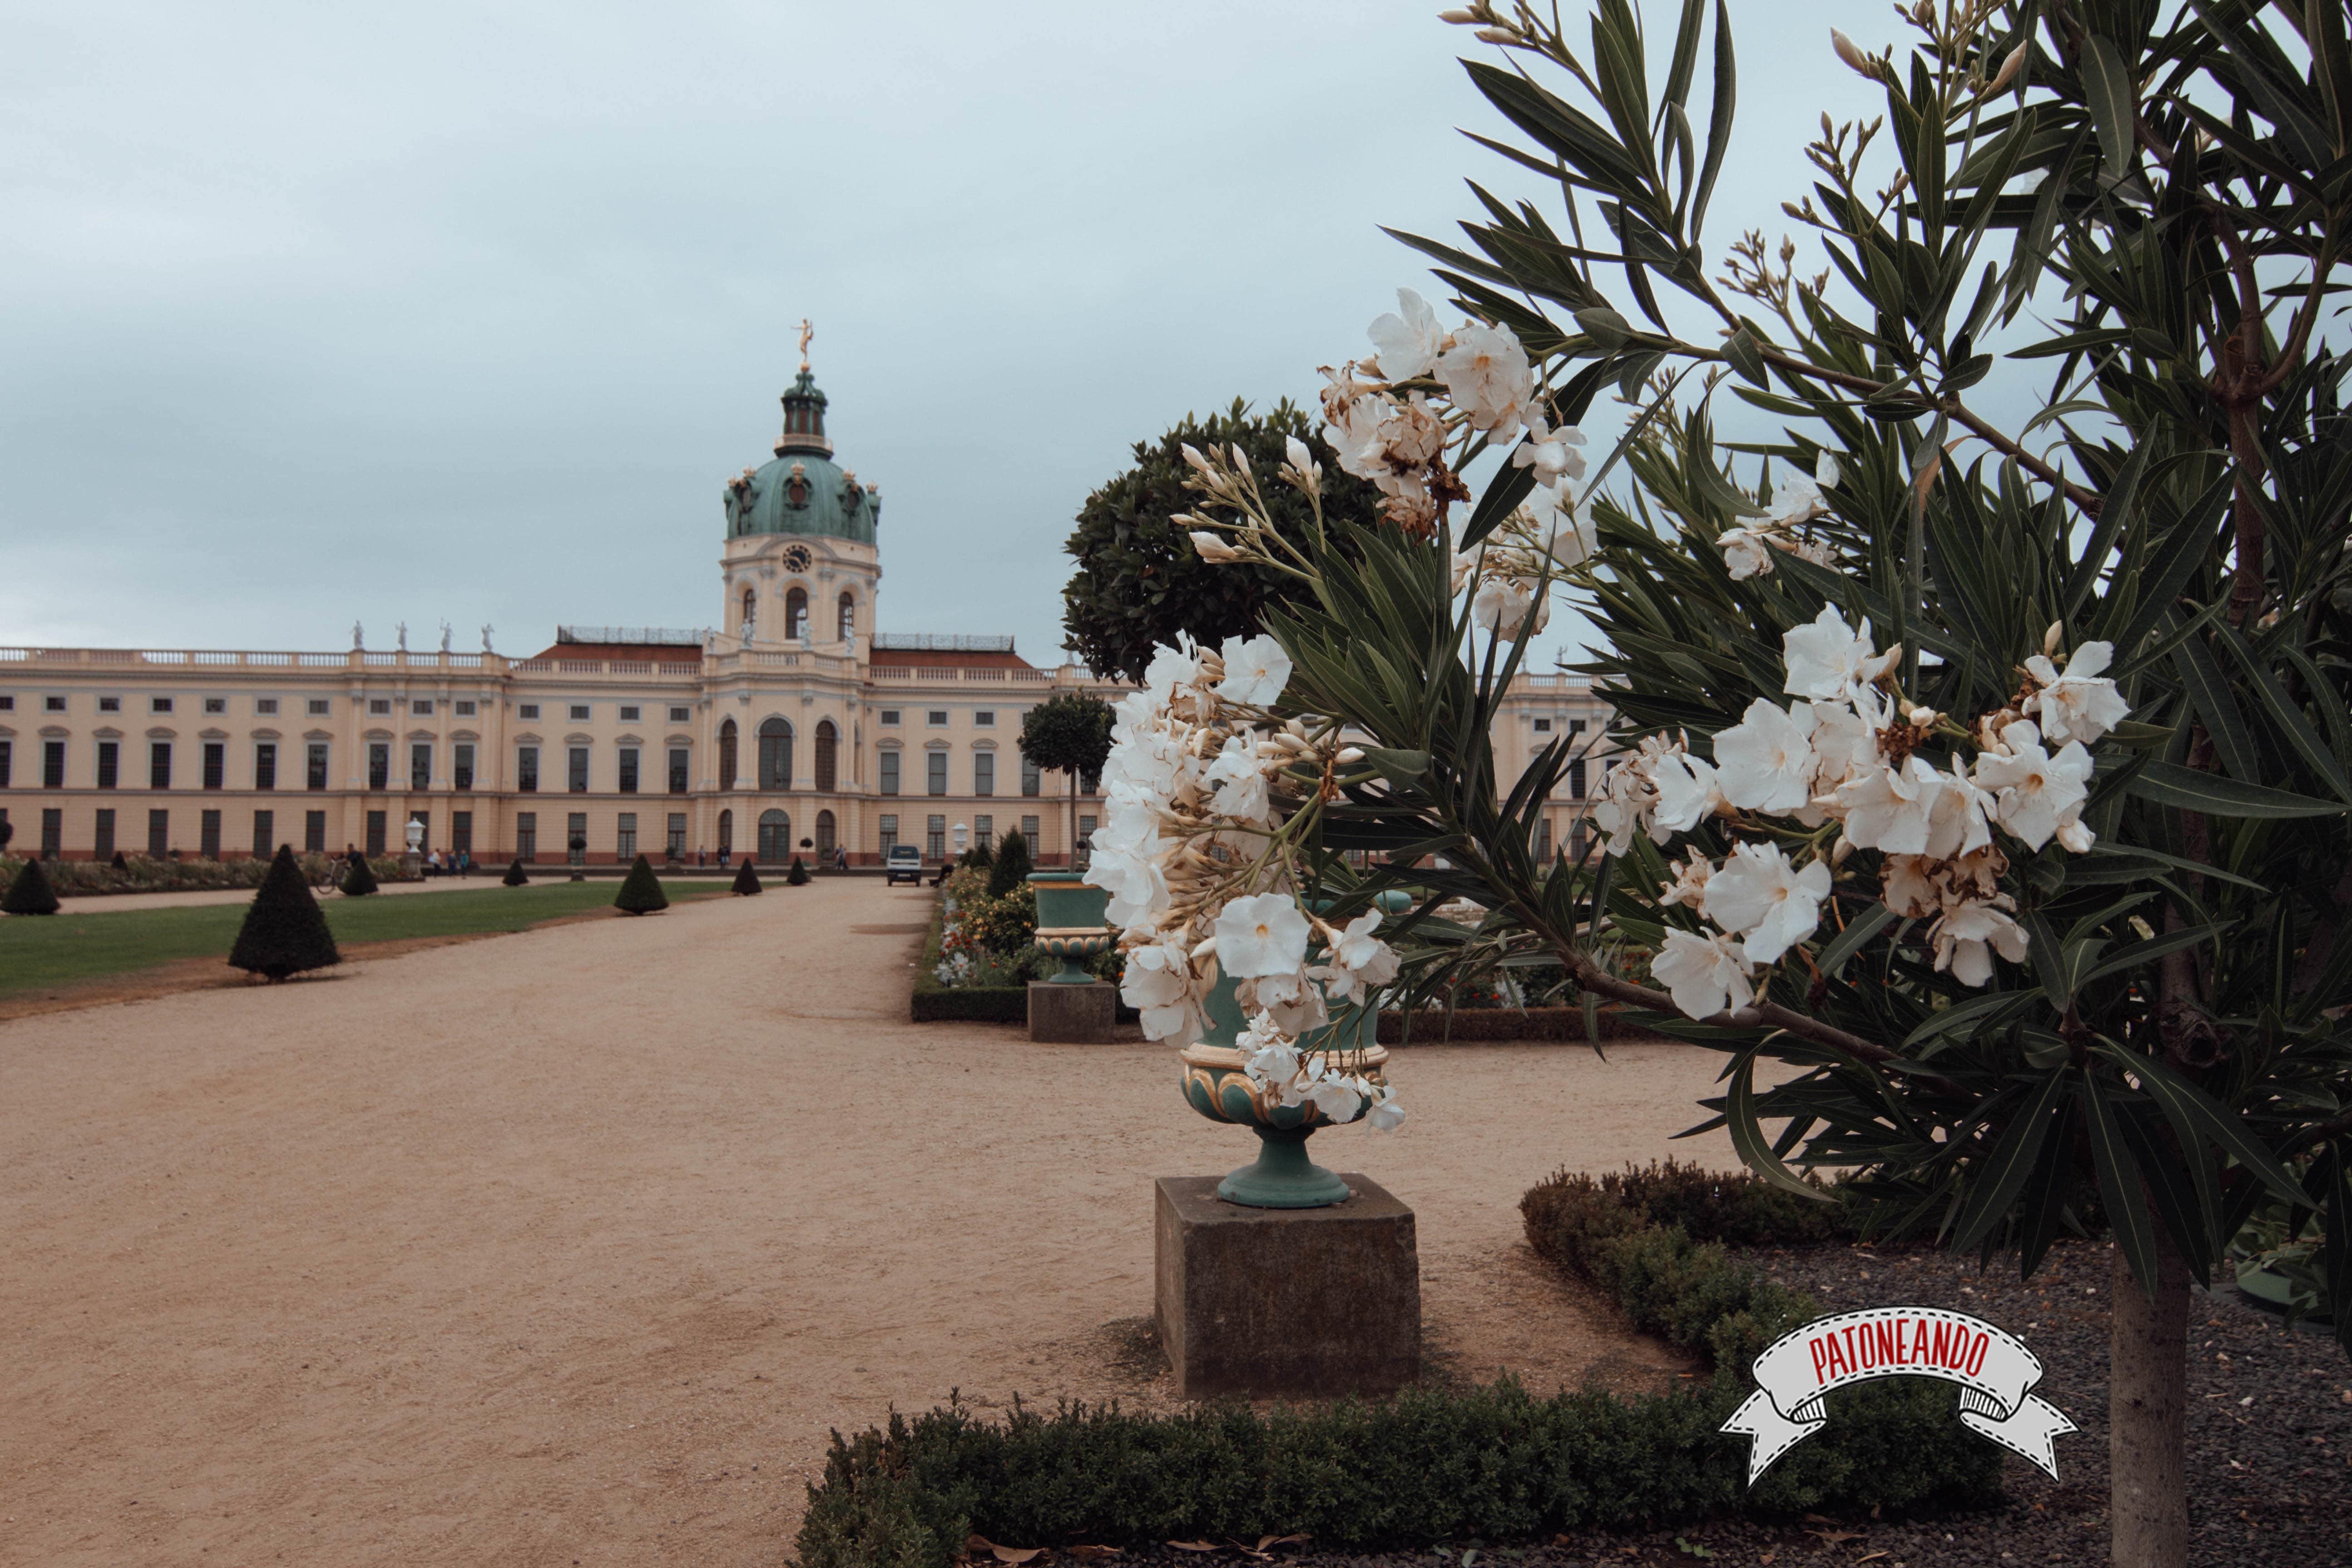 que ver y que hacer en Berlín - Palacio Charlottenburg - Patoneando blog de viajes (10)